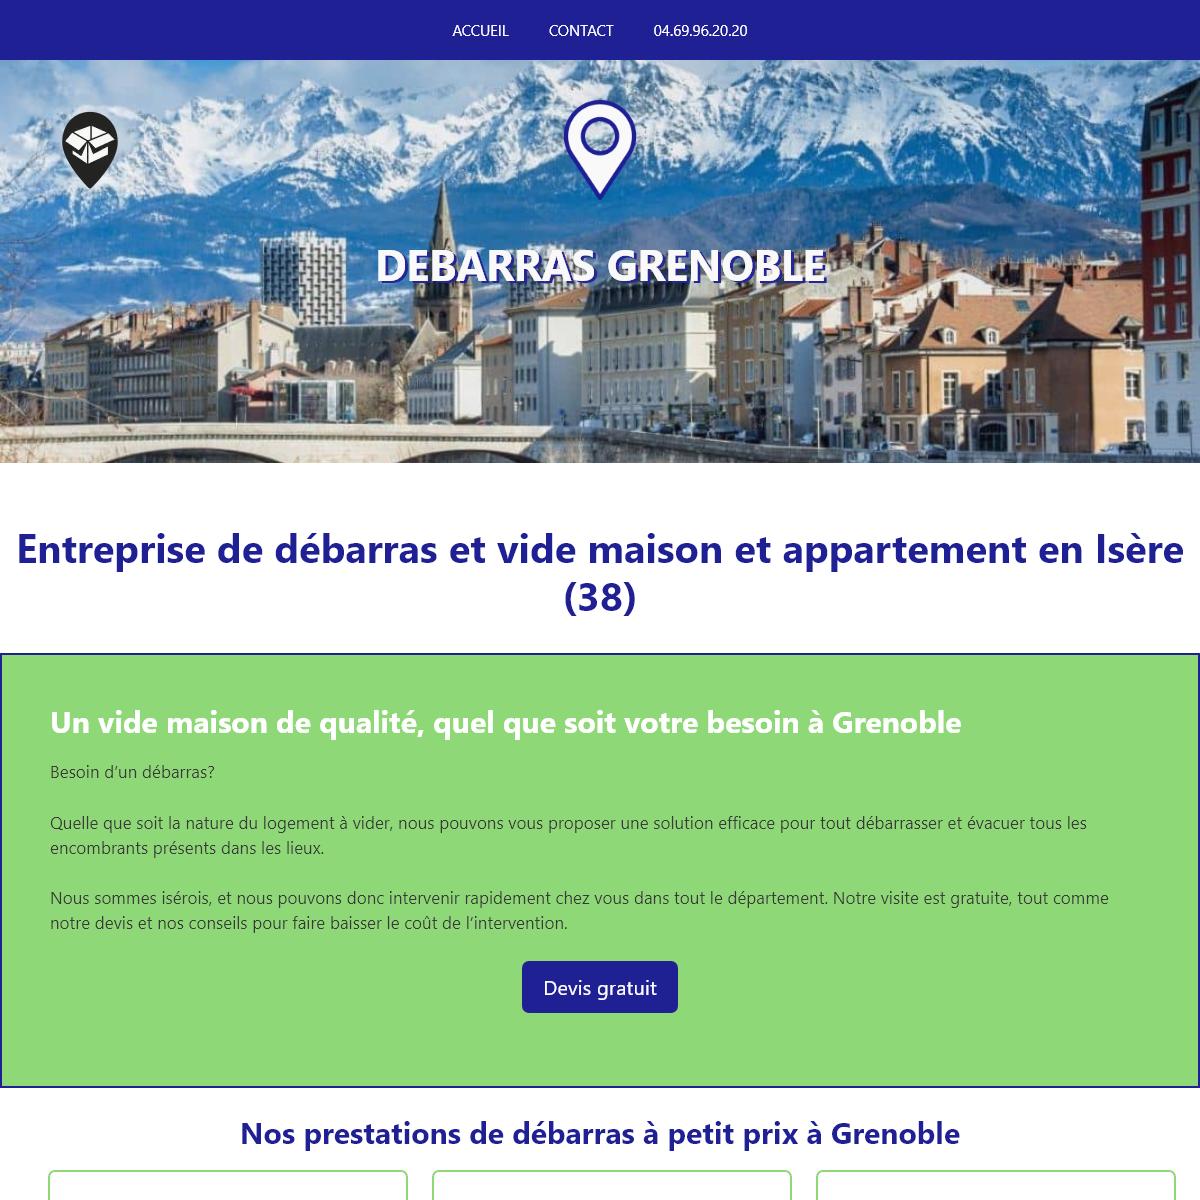 Débarras et vide maison à Grenoble en Isère - Devis gratuit, petits prix